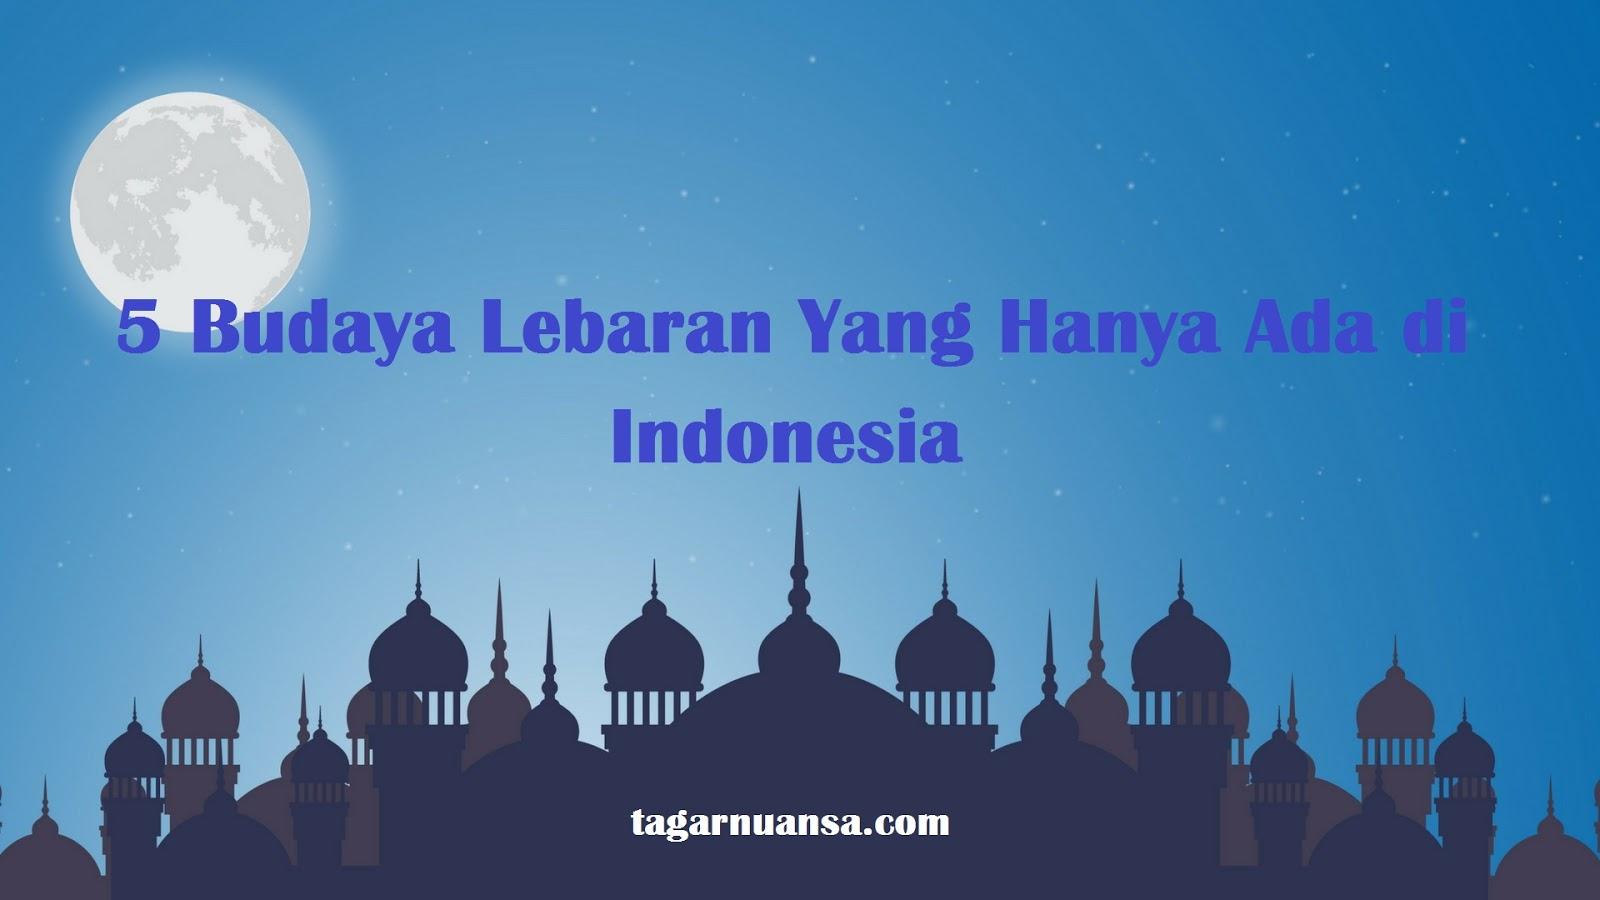 5 Budaya Lebaran Yang Hanya Ada di Indonesia